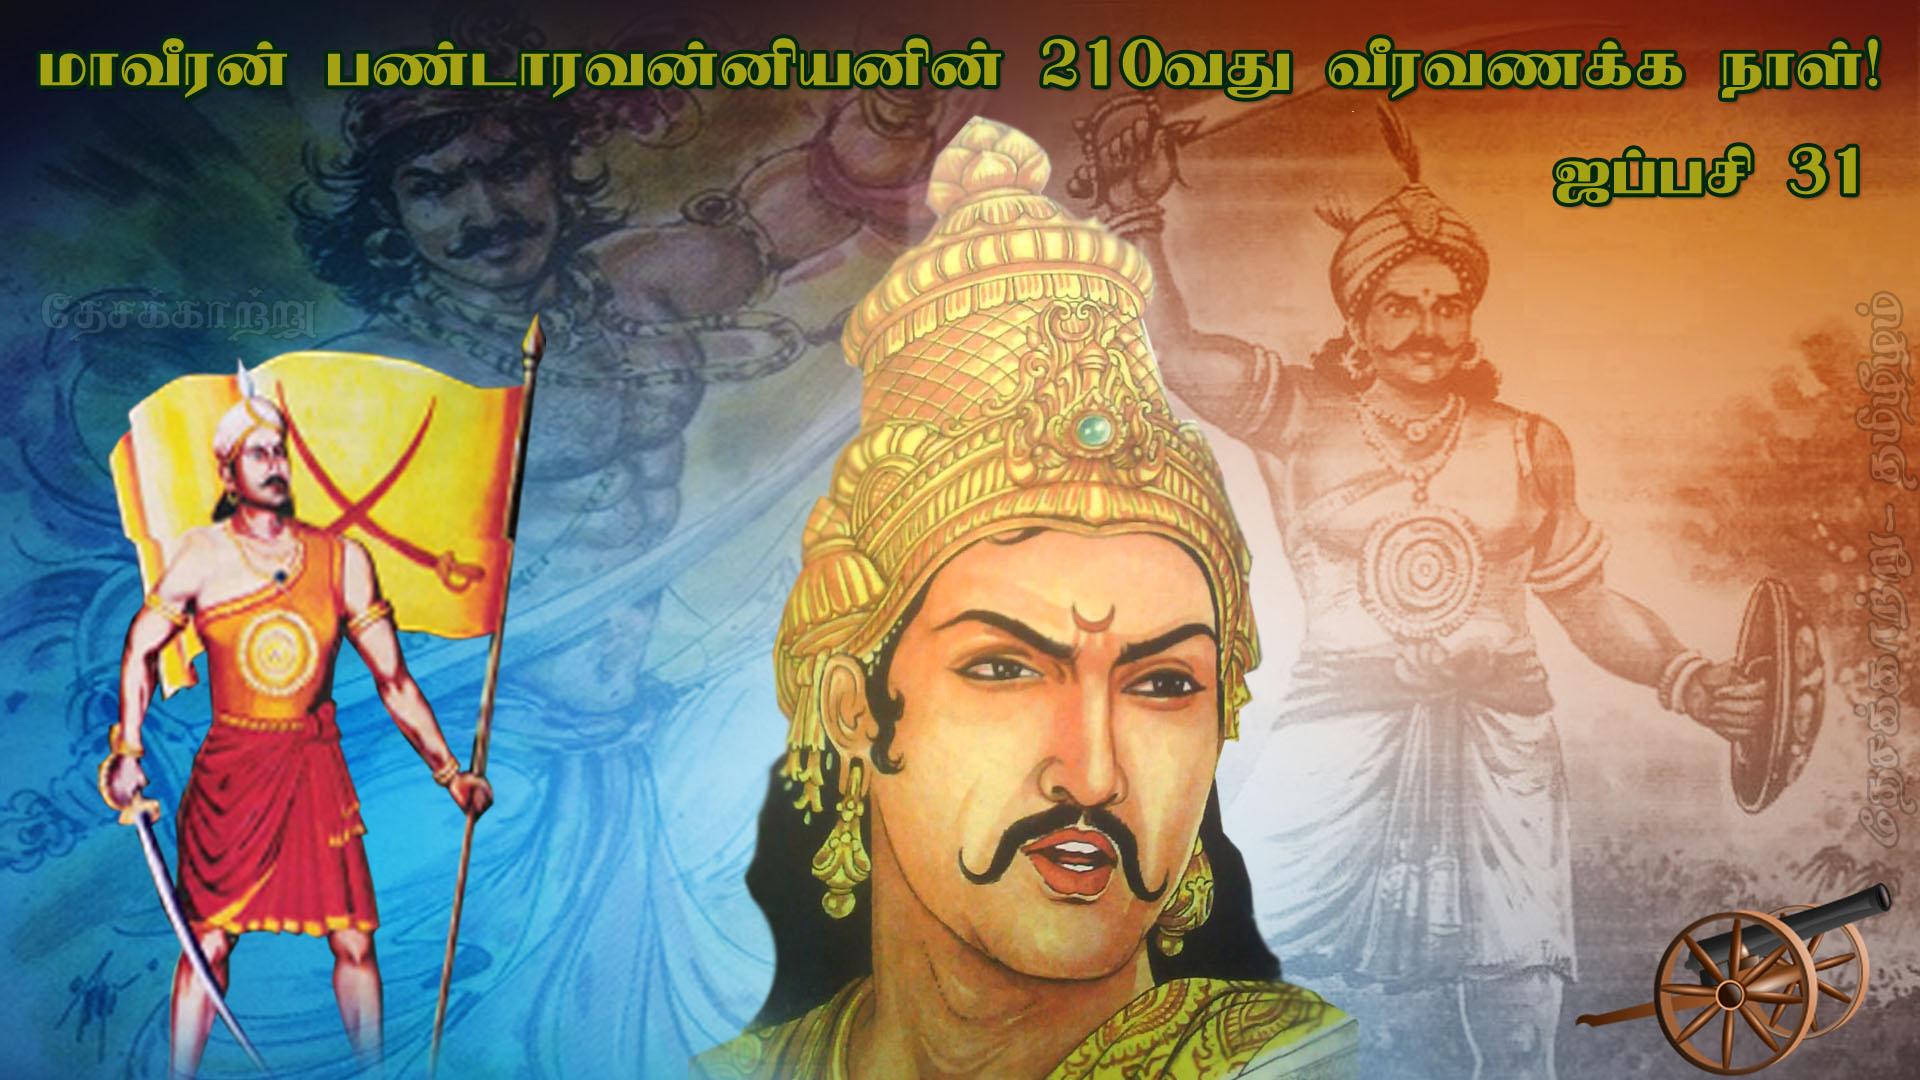 Vanni king Pandaara Vanniyan